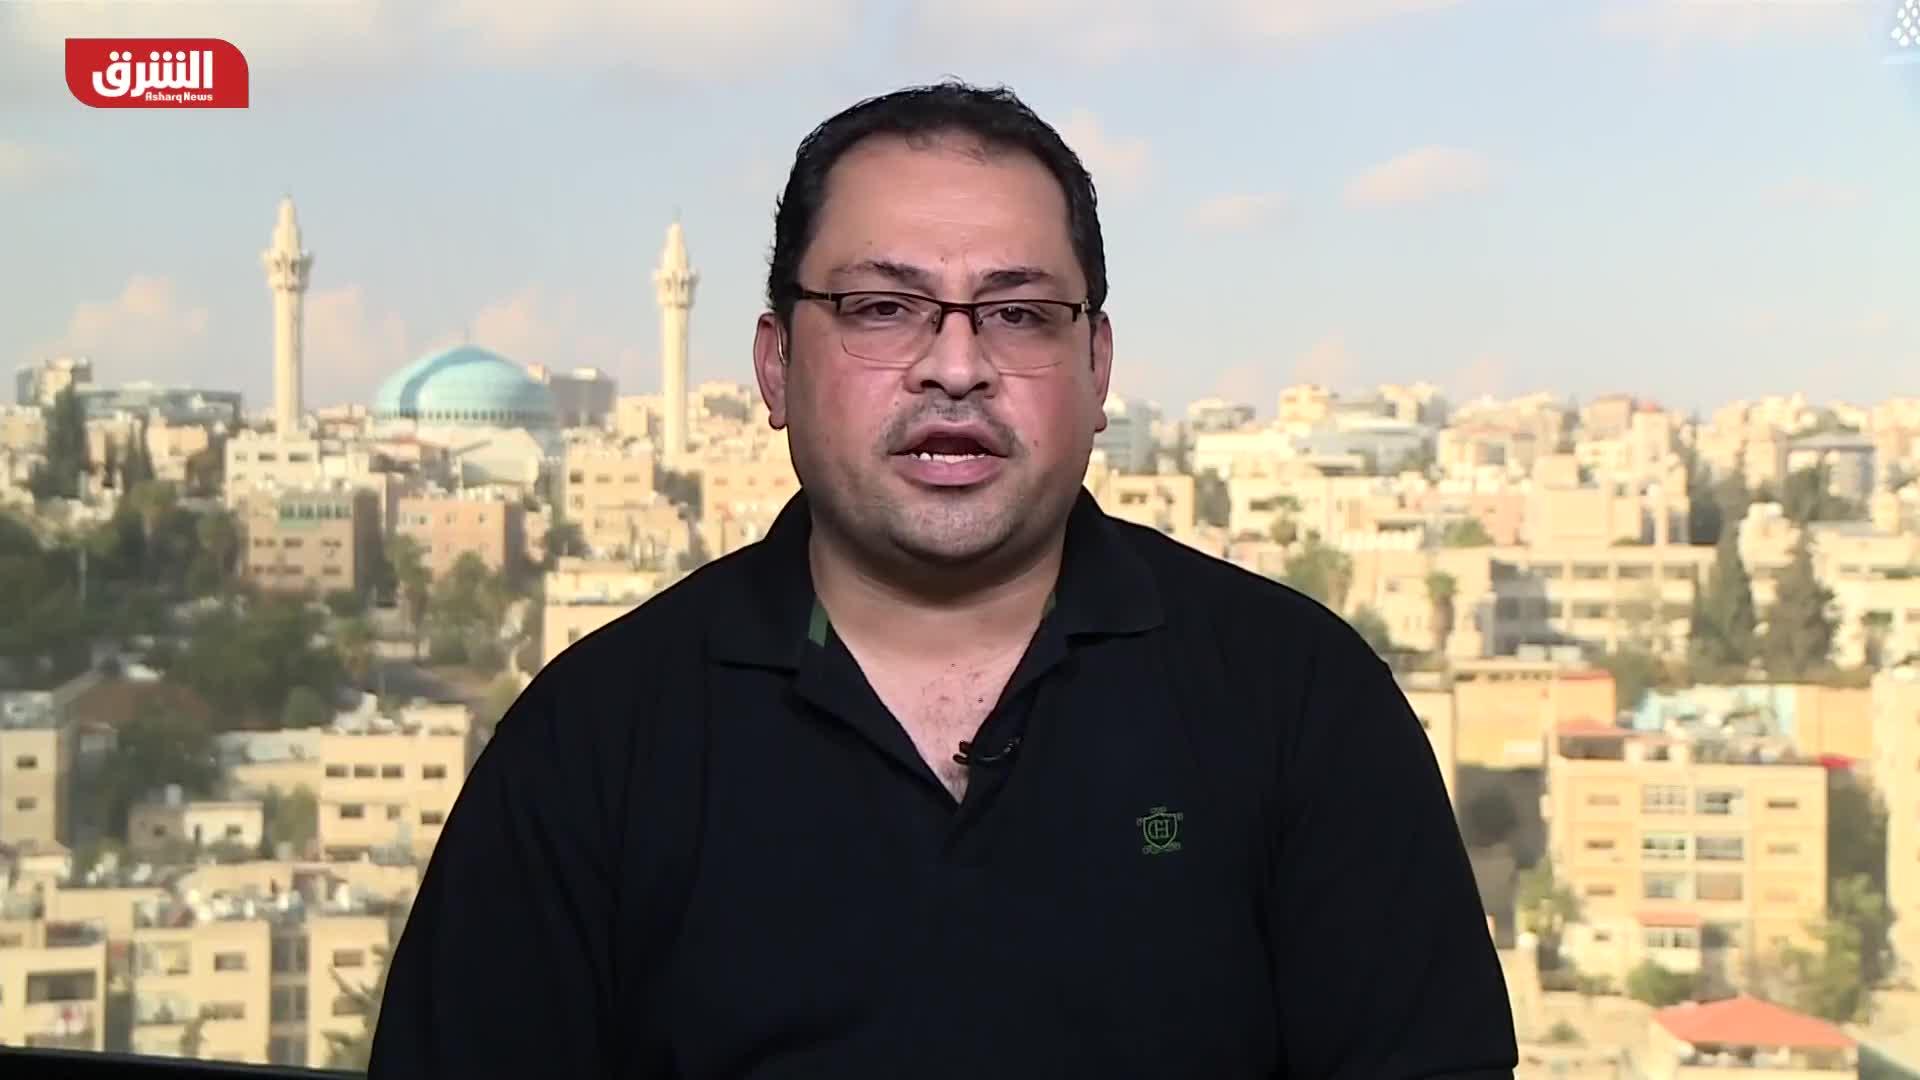 لمن تشير أصابع الاتهام في تفجير دمشق؟